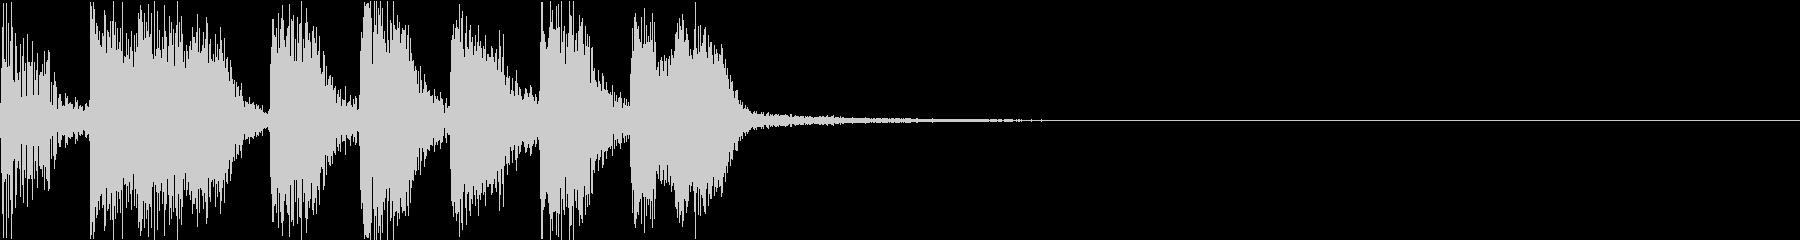 ゲーム・アイキャッチ向けテクノジングルの未再生の波形